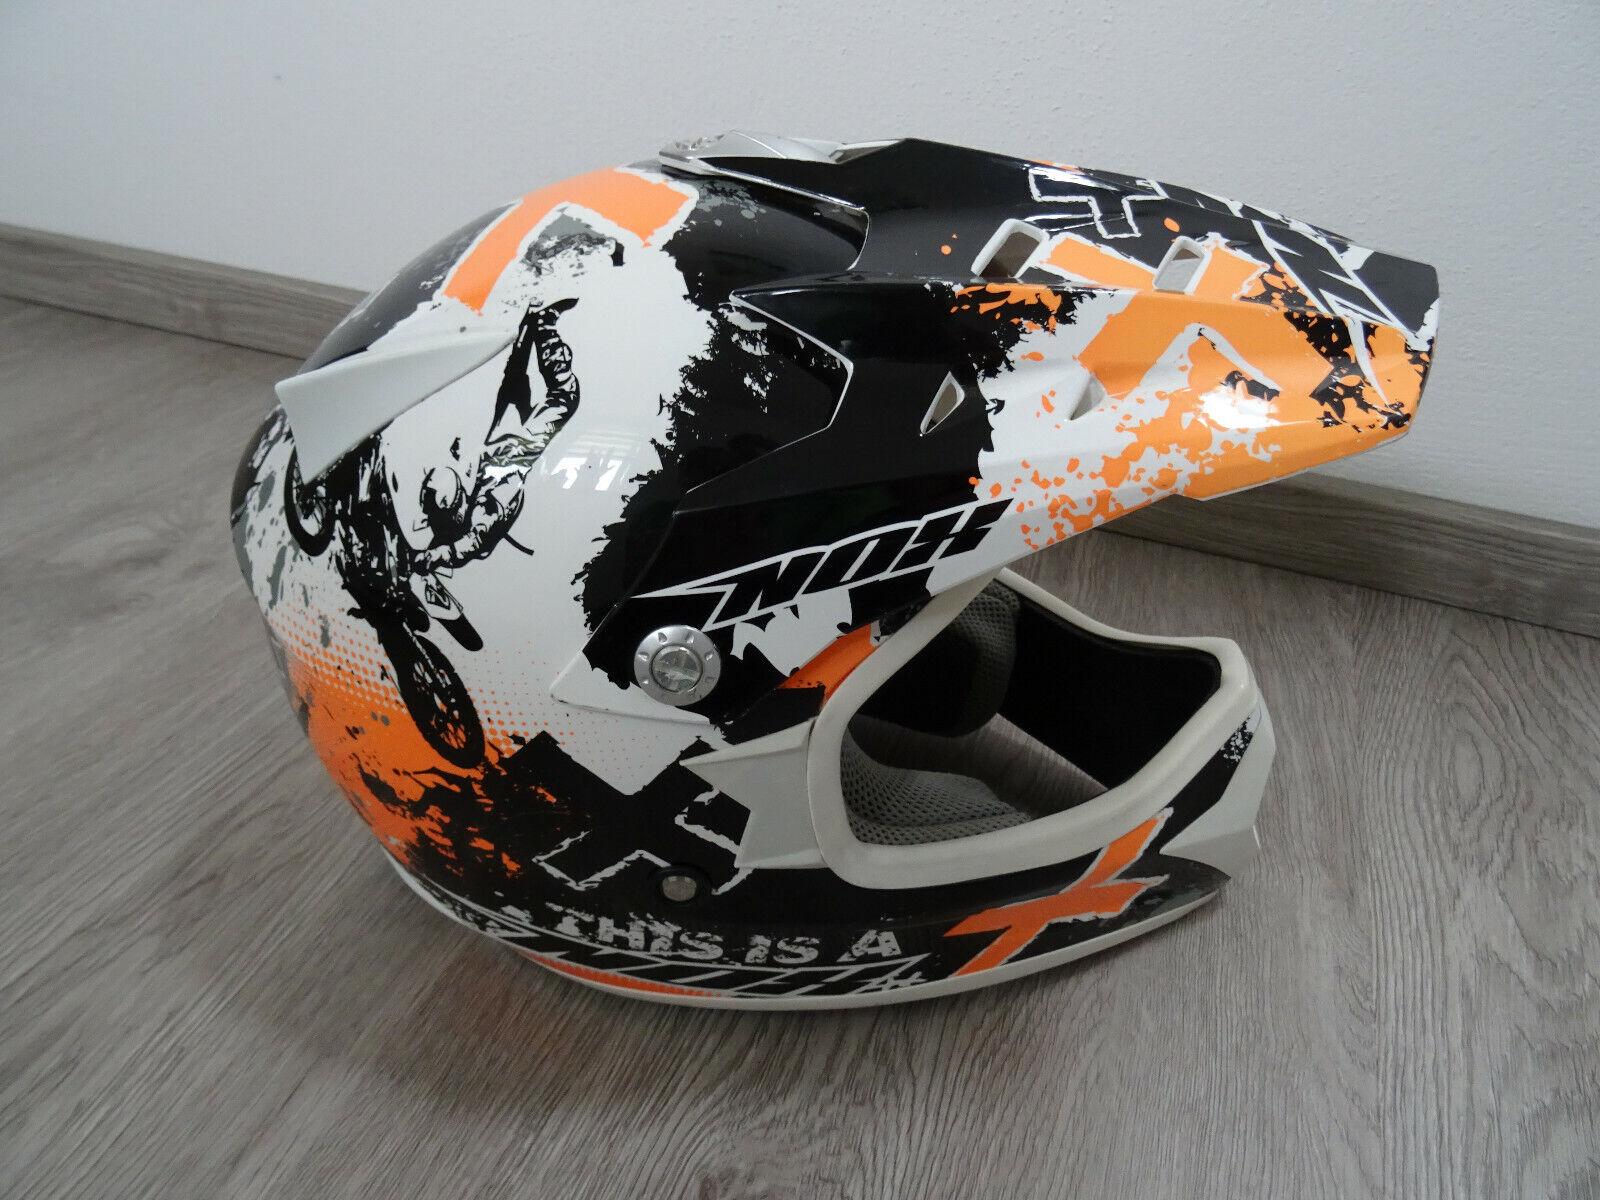 NOX Motocrosshelm Crosshelm Kinder M (51 - 52cm)